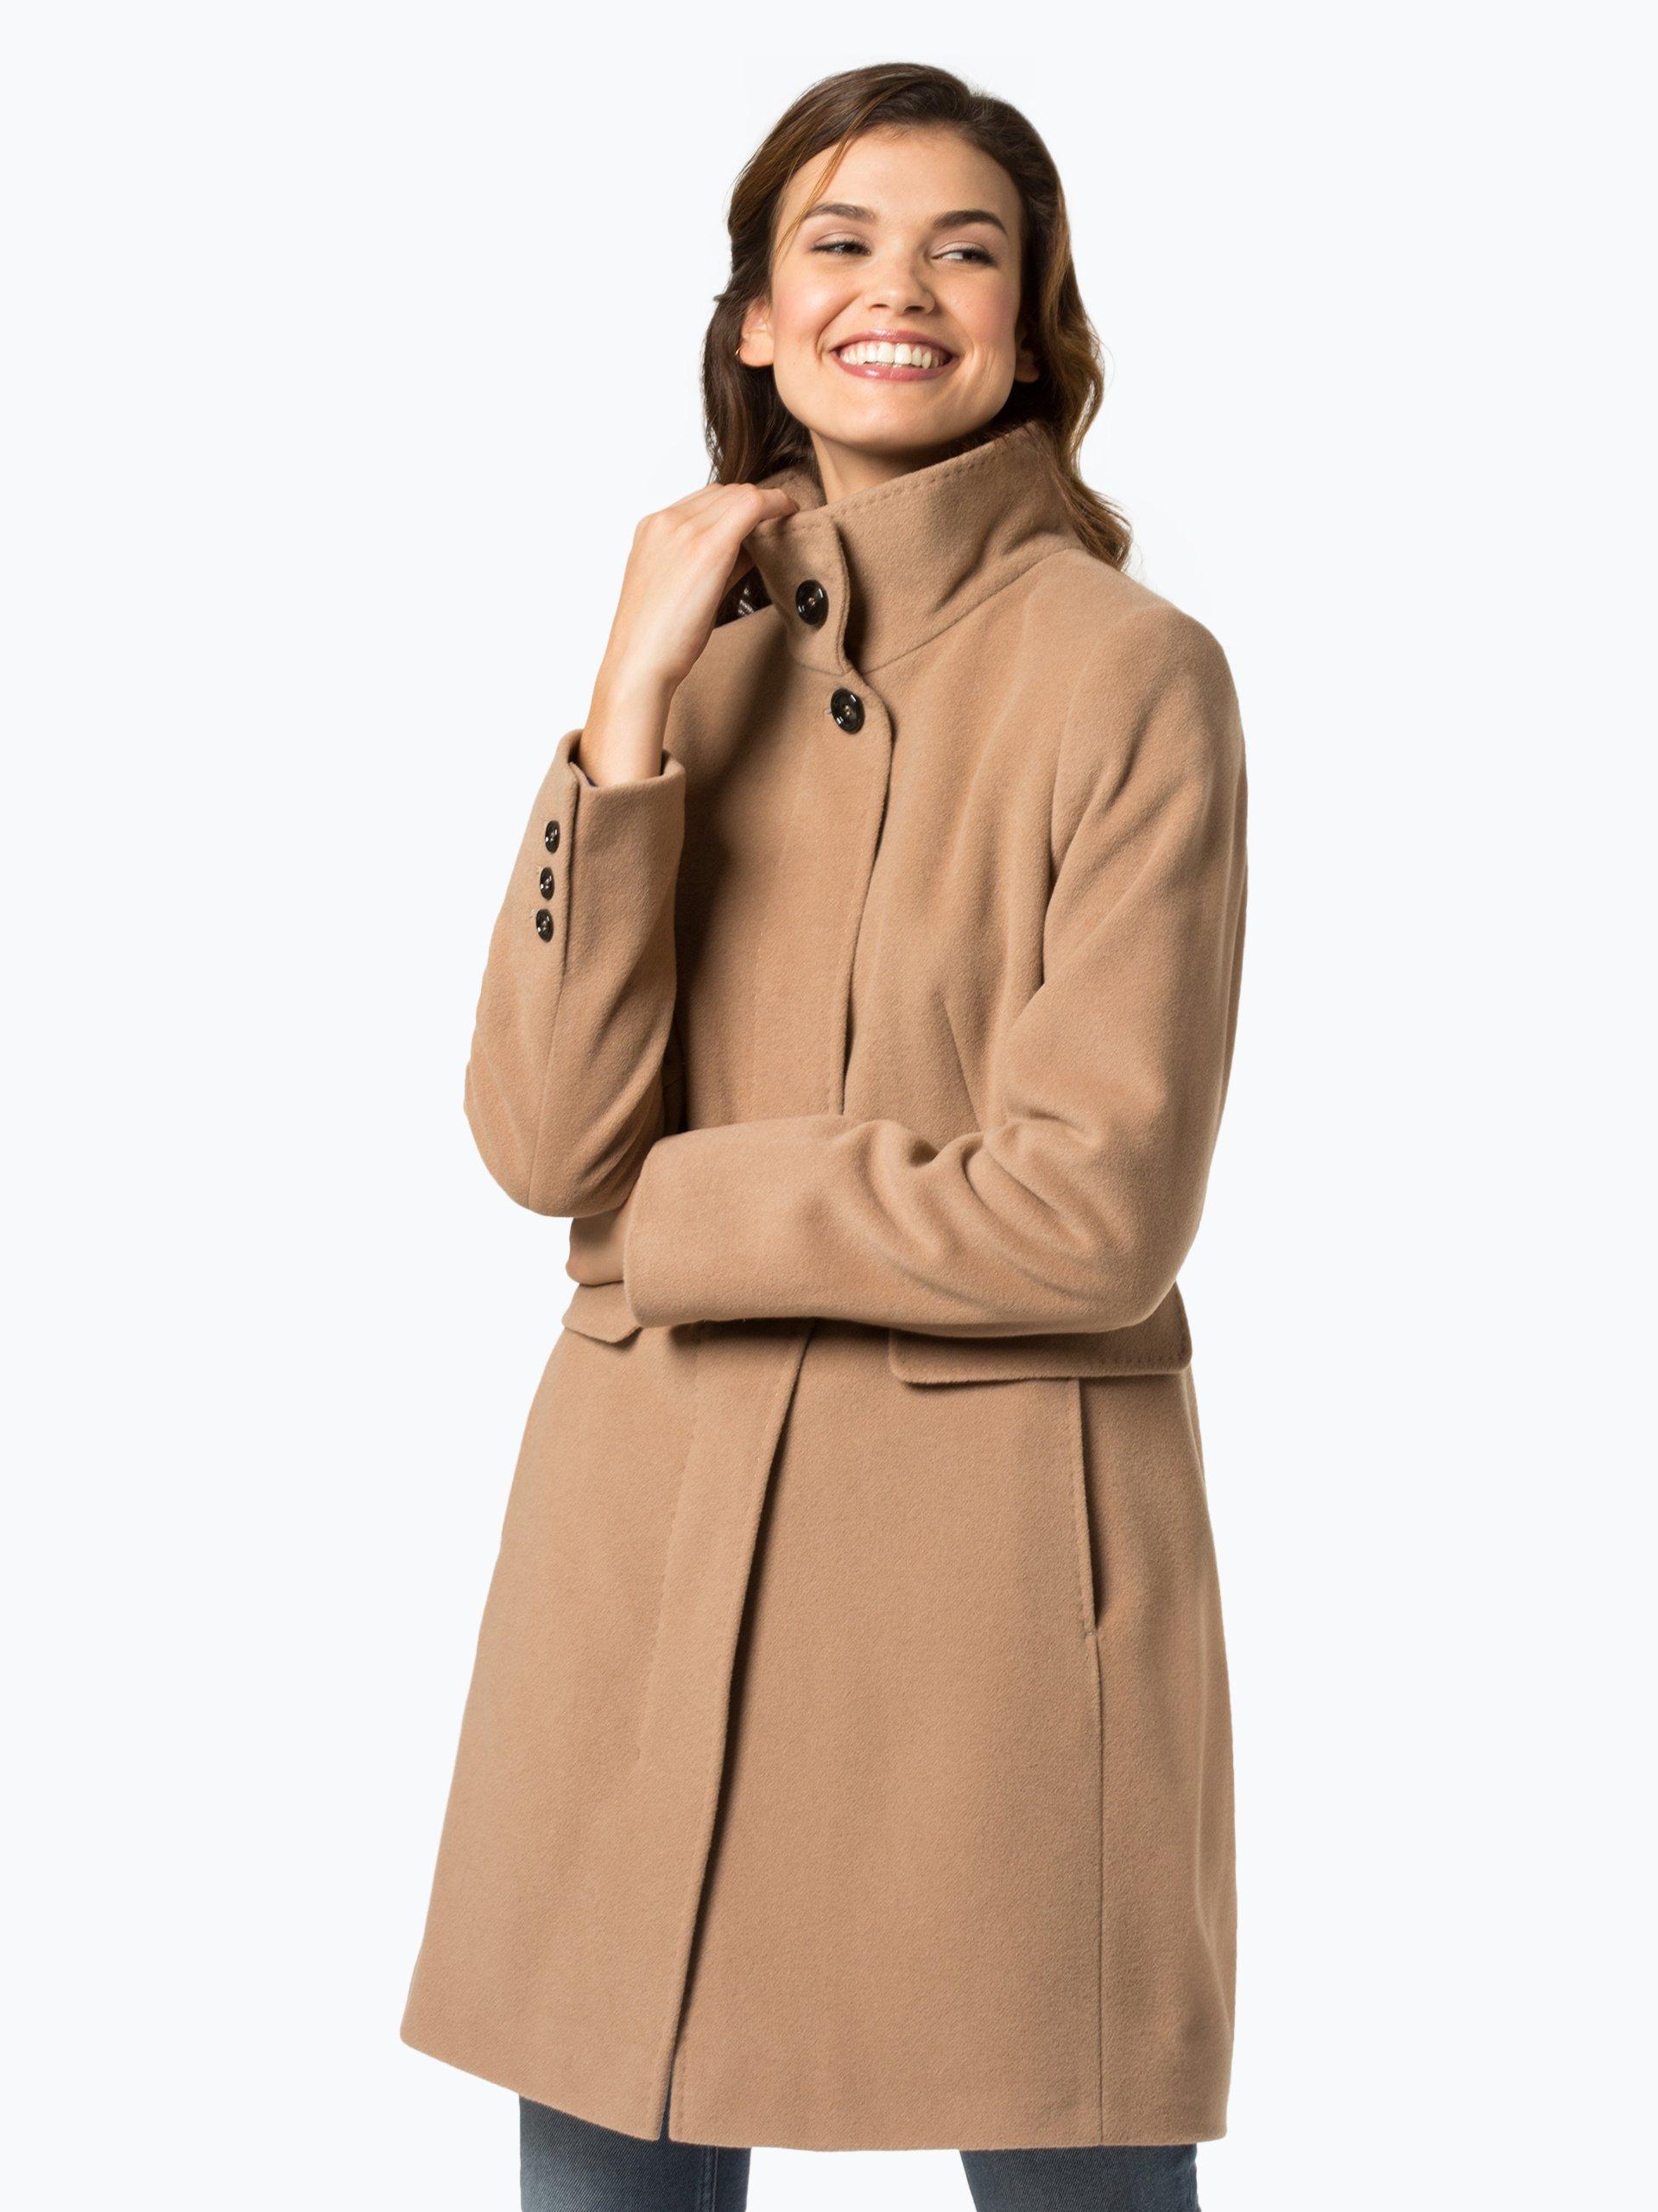 gil bret damen mantel mit cashmere anteil camel uni online kaufen vangraaf com. Black Bedroom Furniture Sets. Home Design Ideas